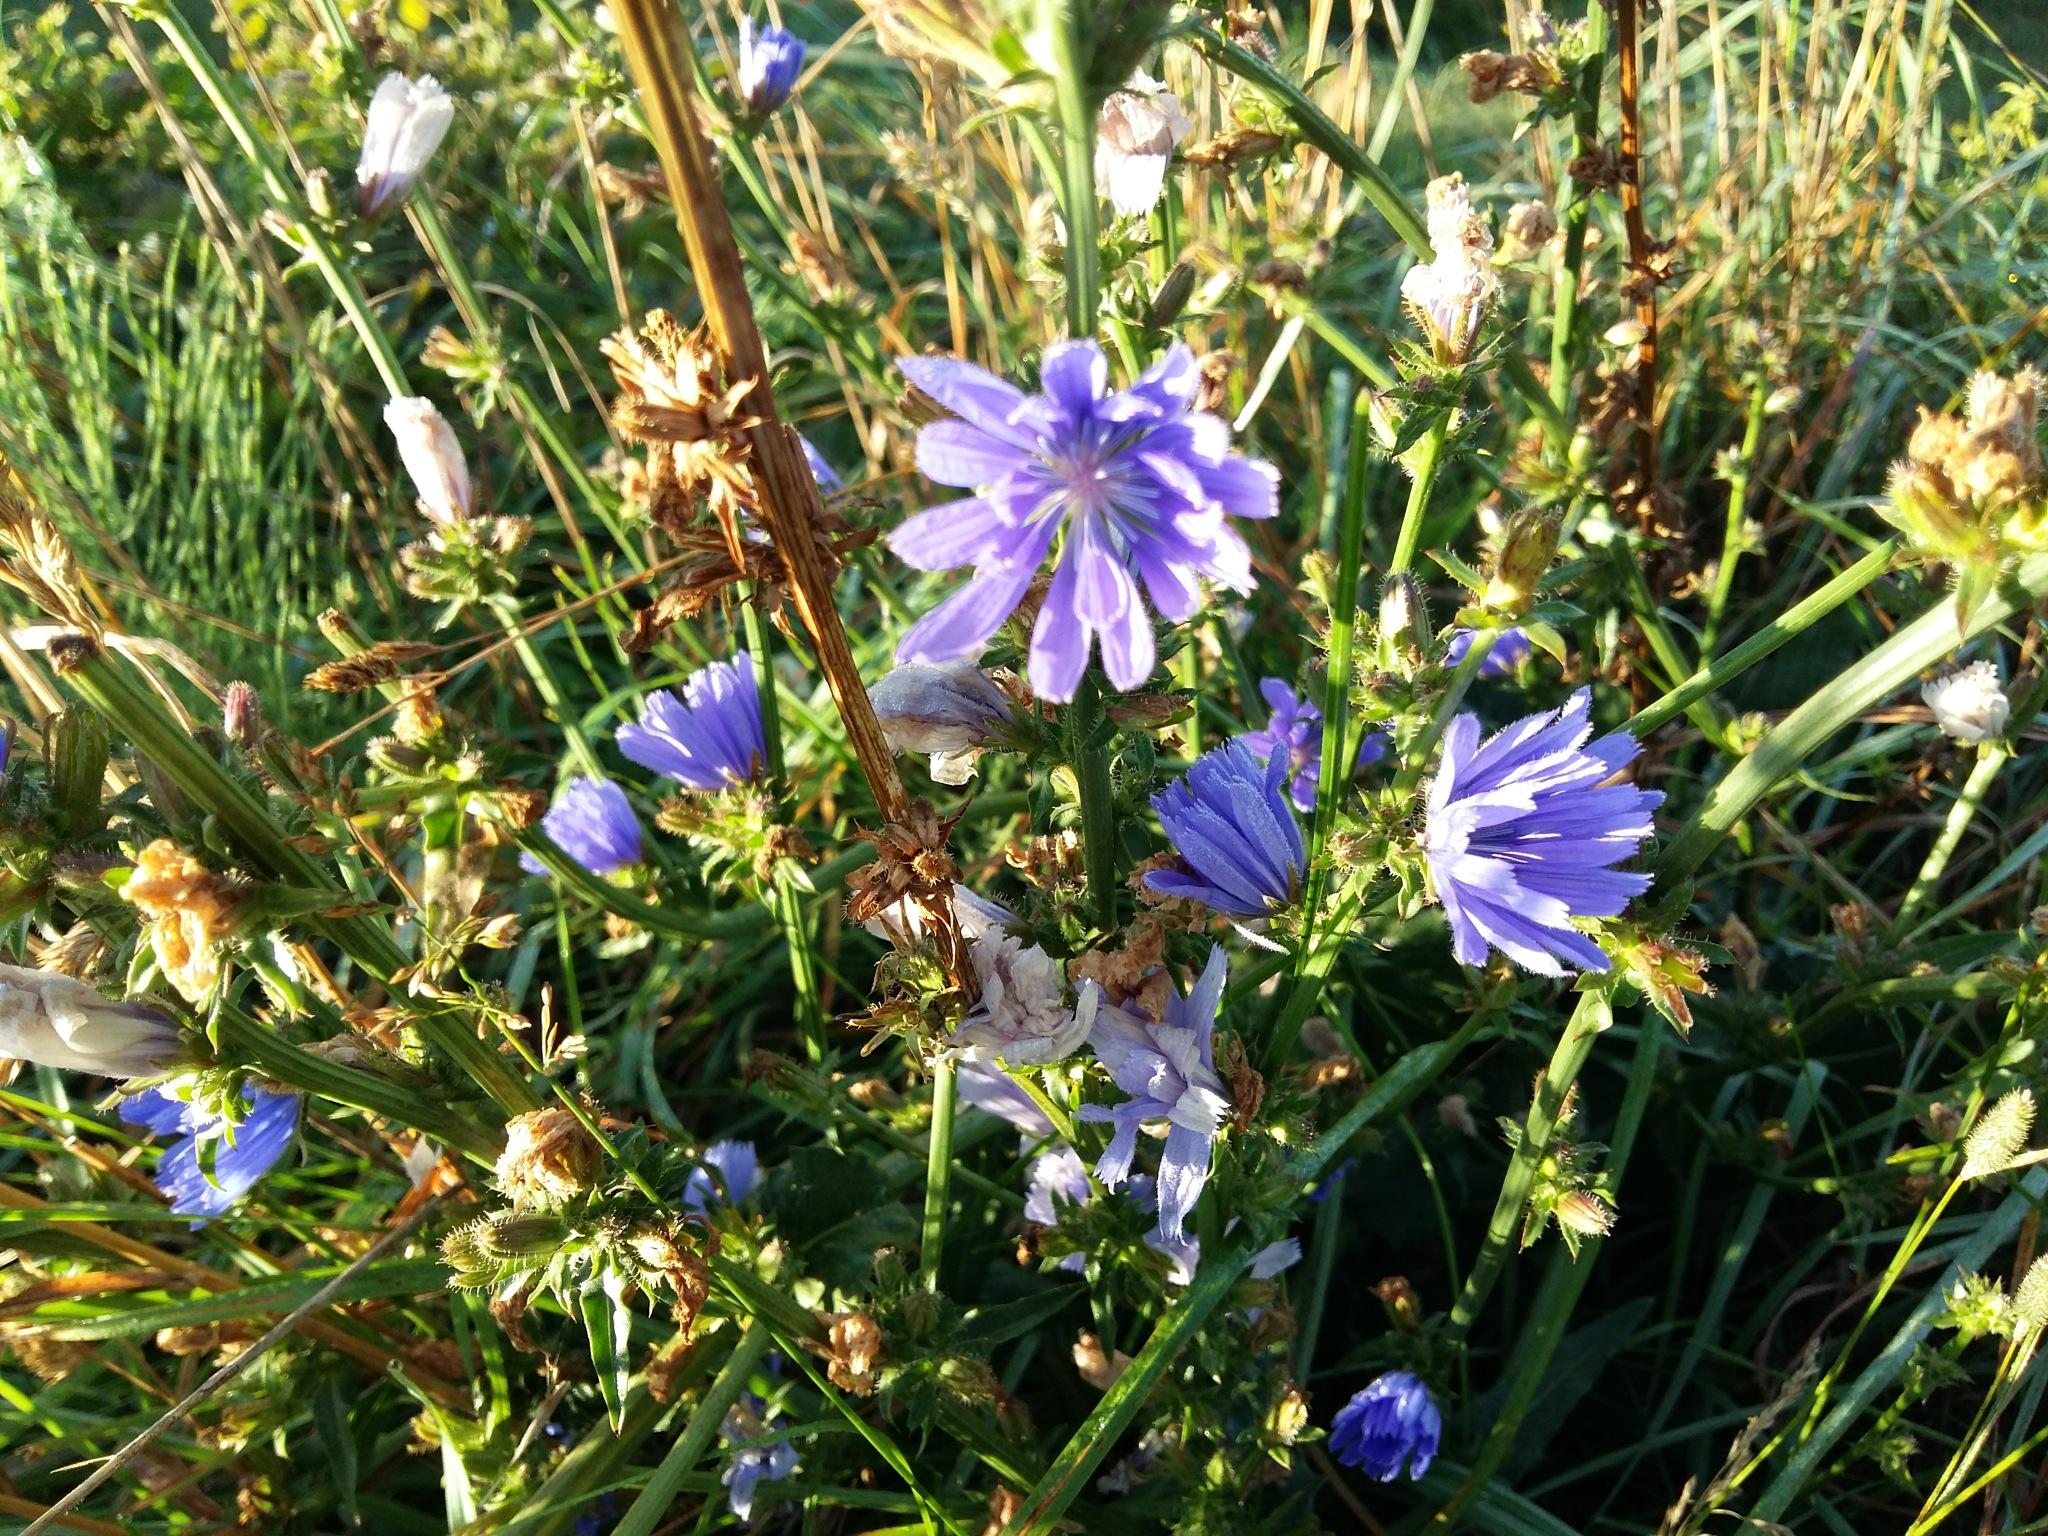 Blue meadow flowers by uzkuraitiene62